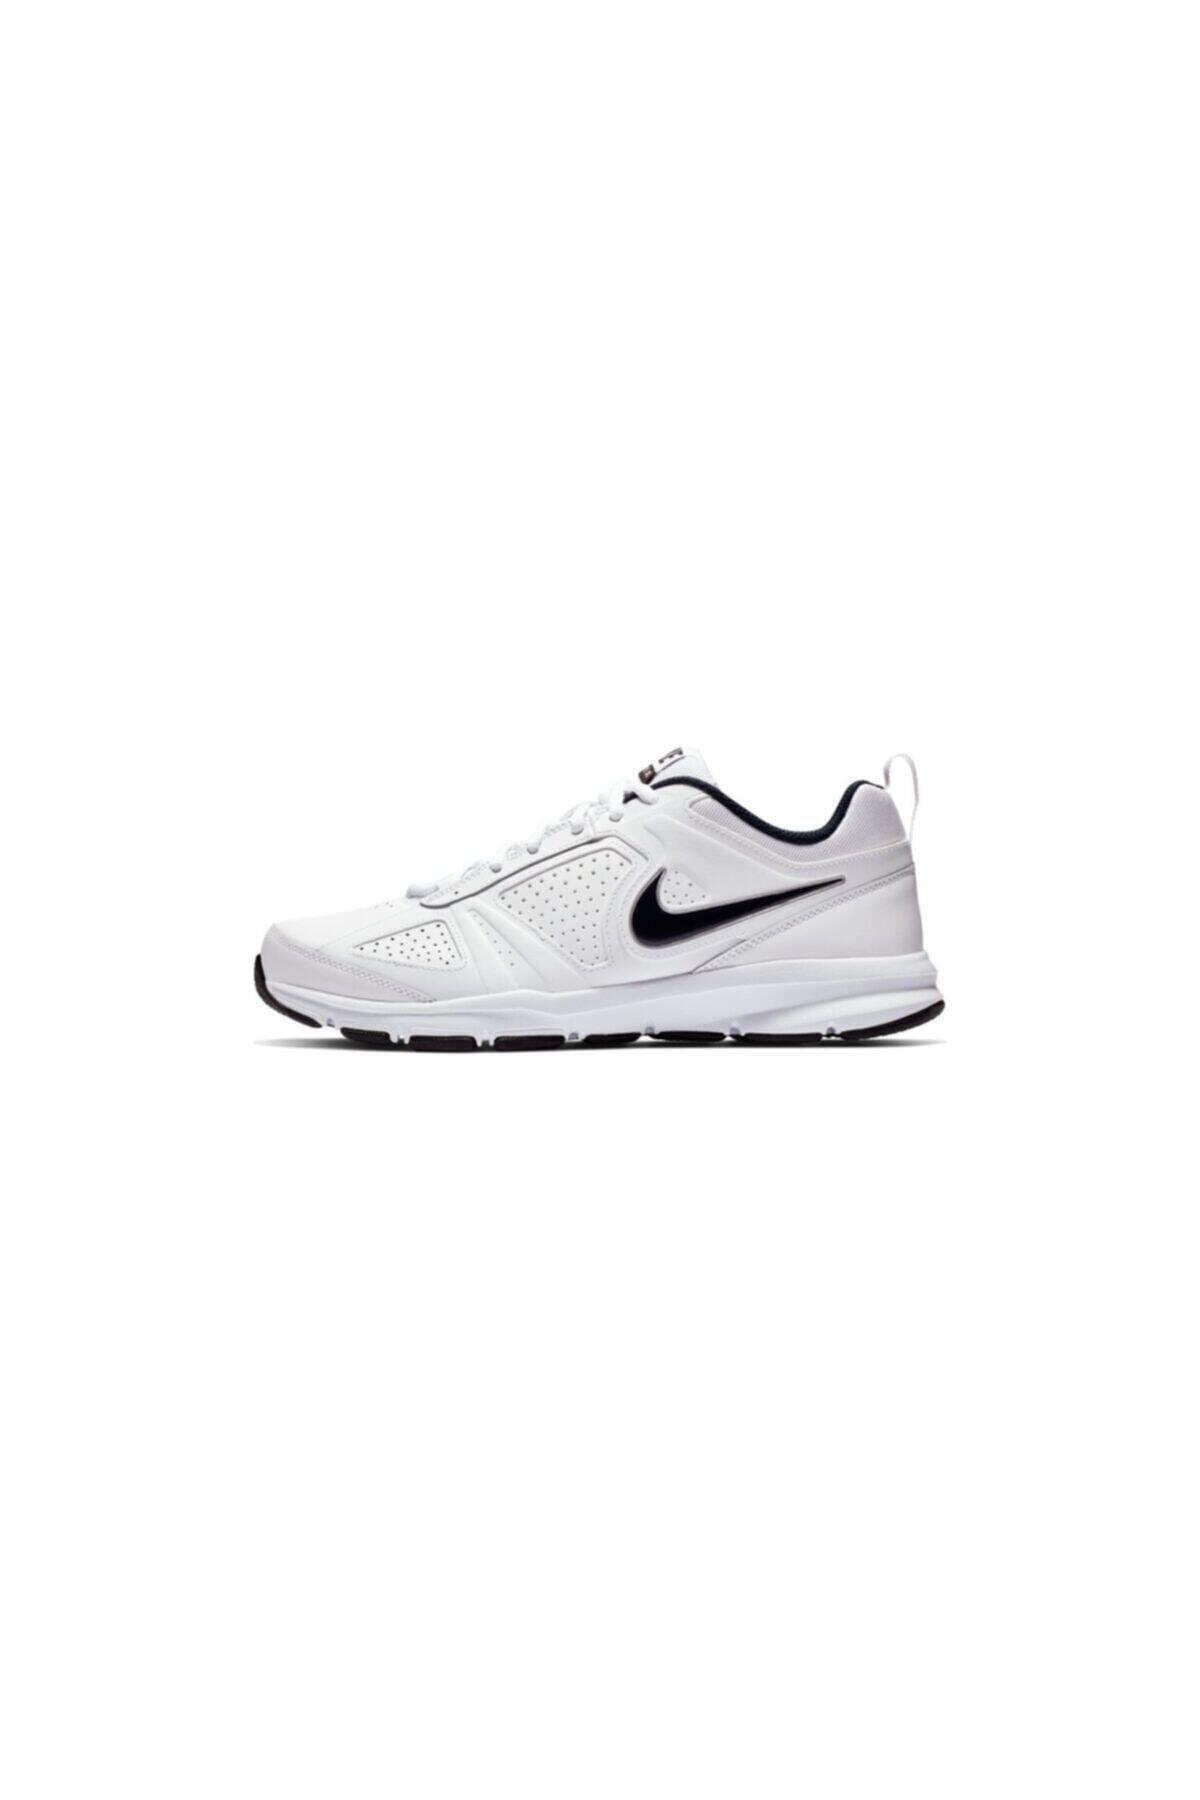 Nike T-lite 616544-101 Erkek Spor Ayakkabı